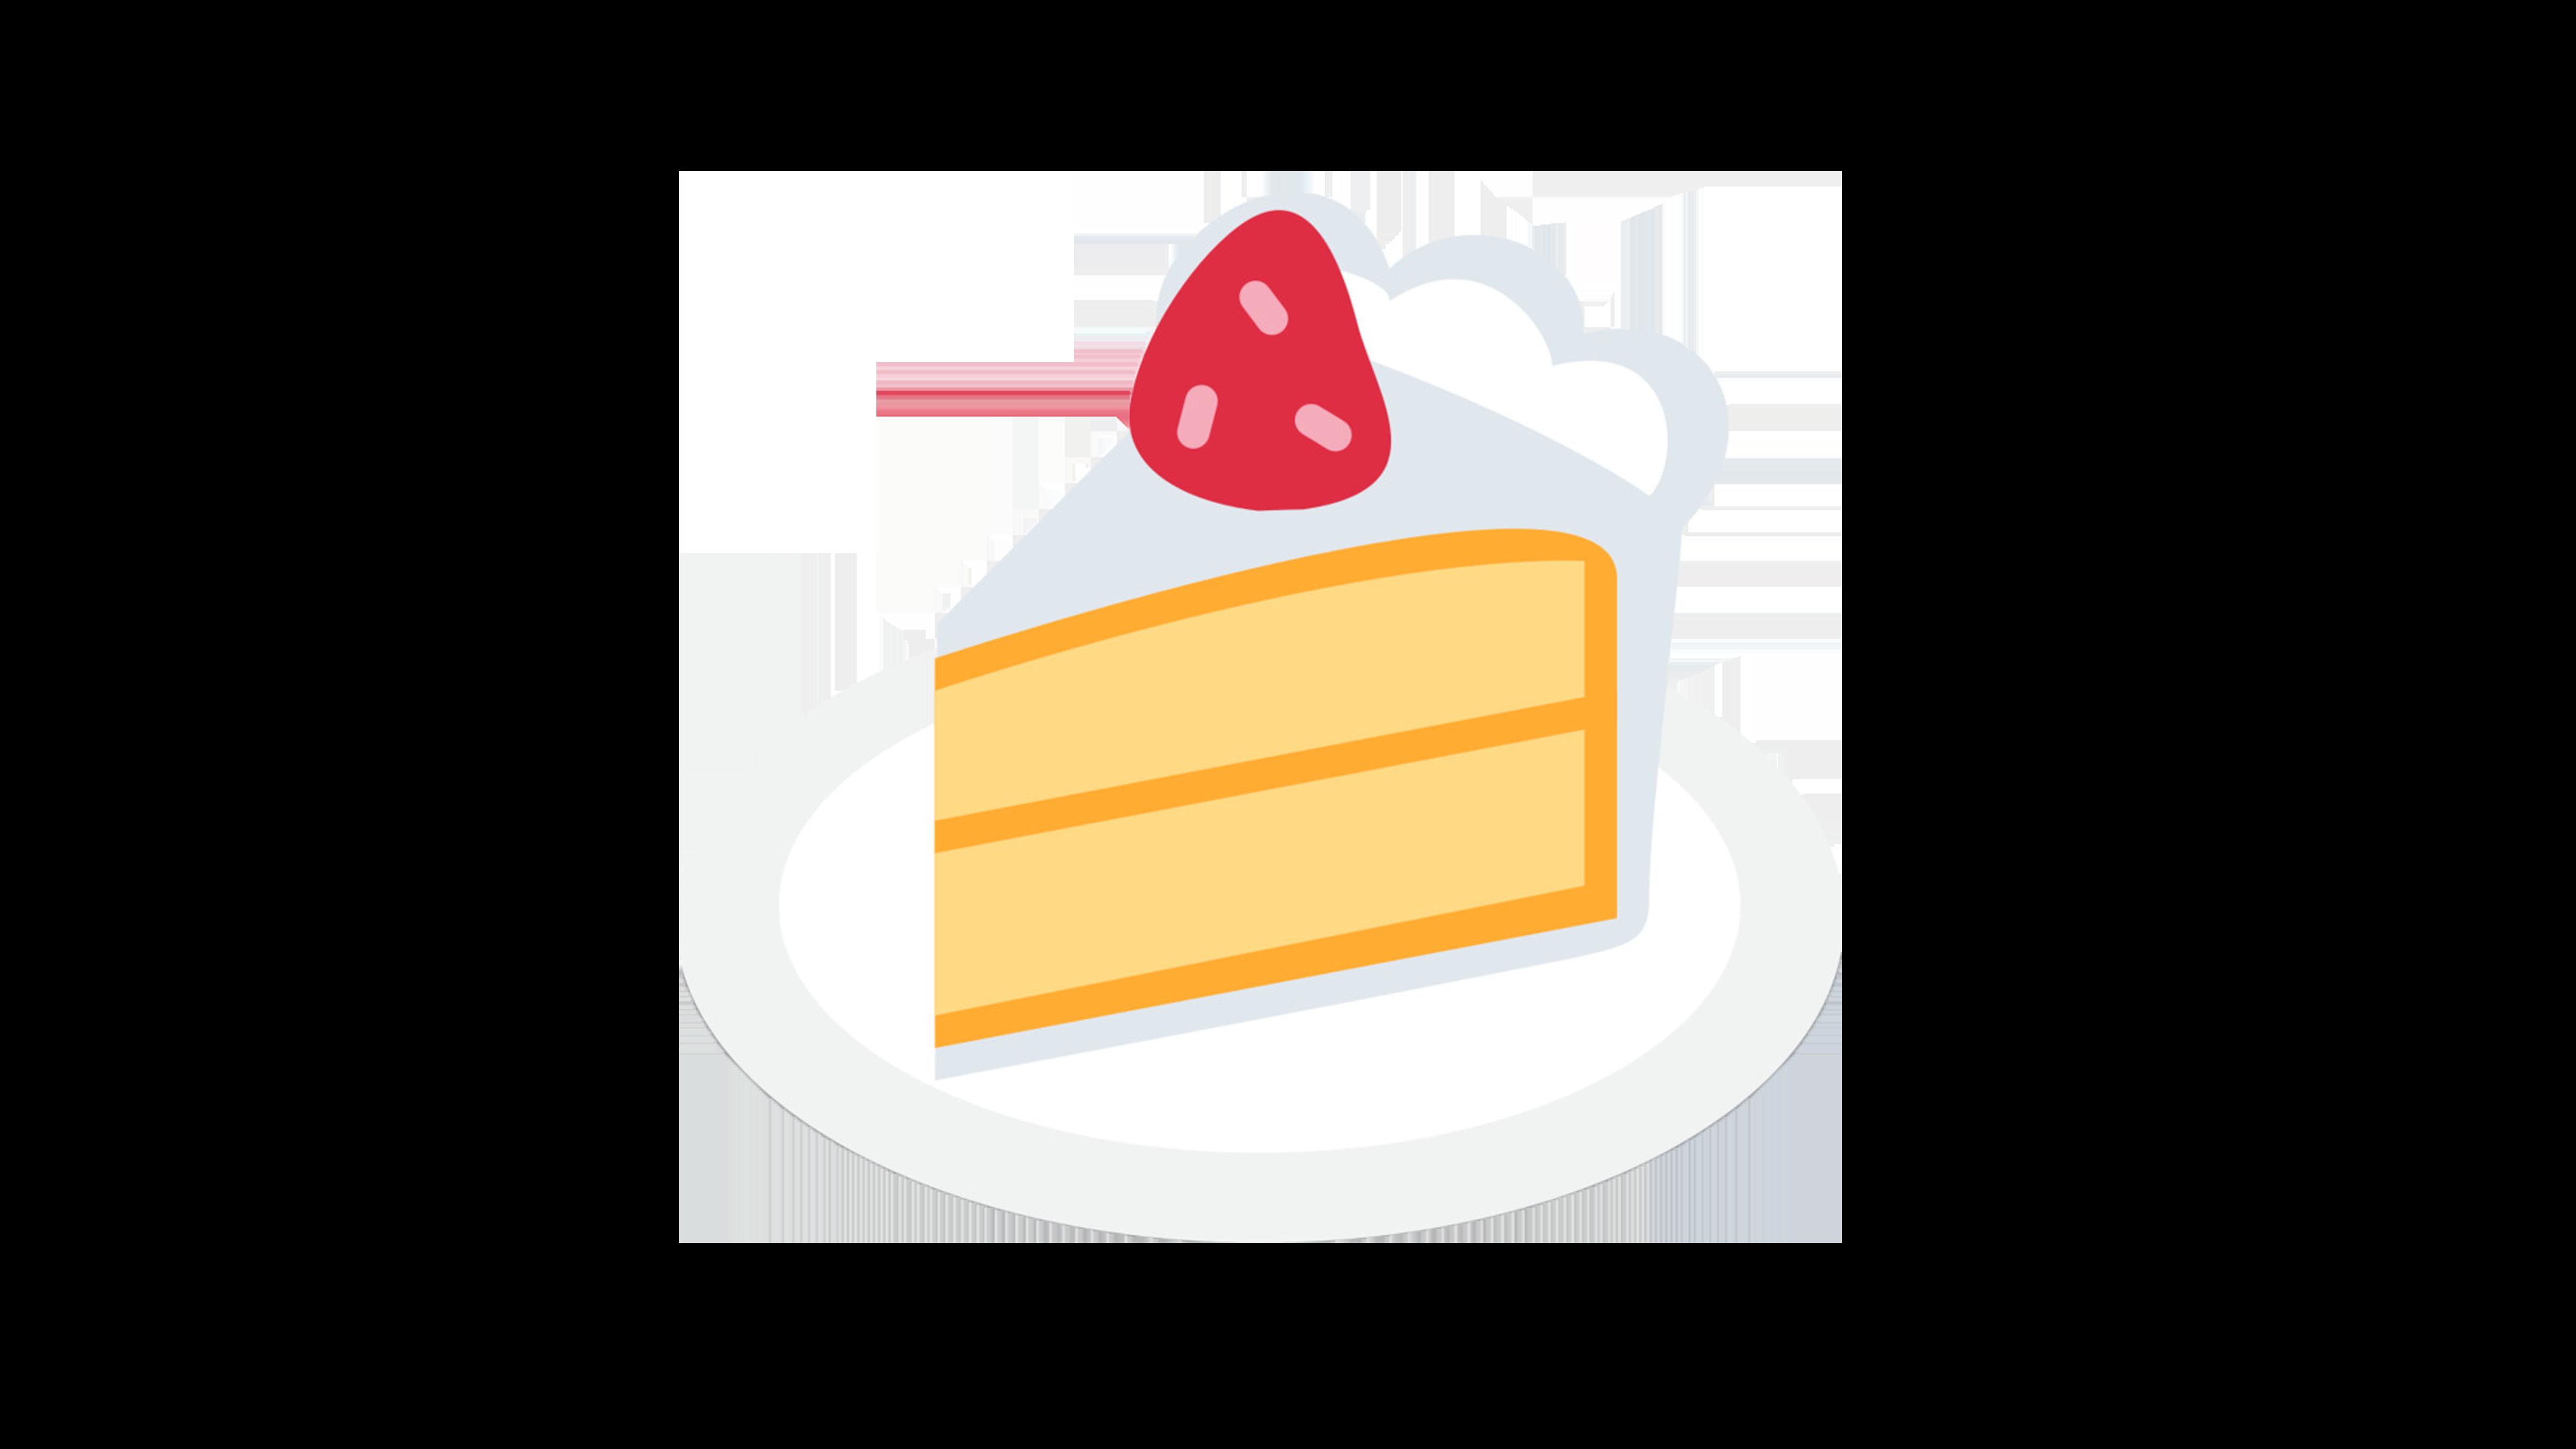 Cake emoji